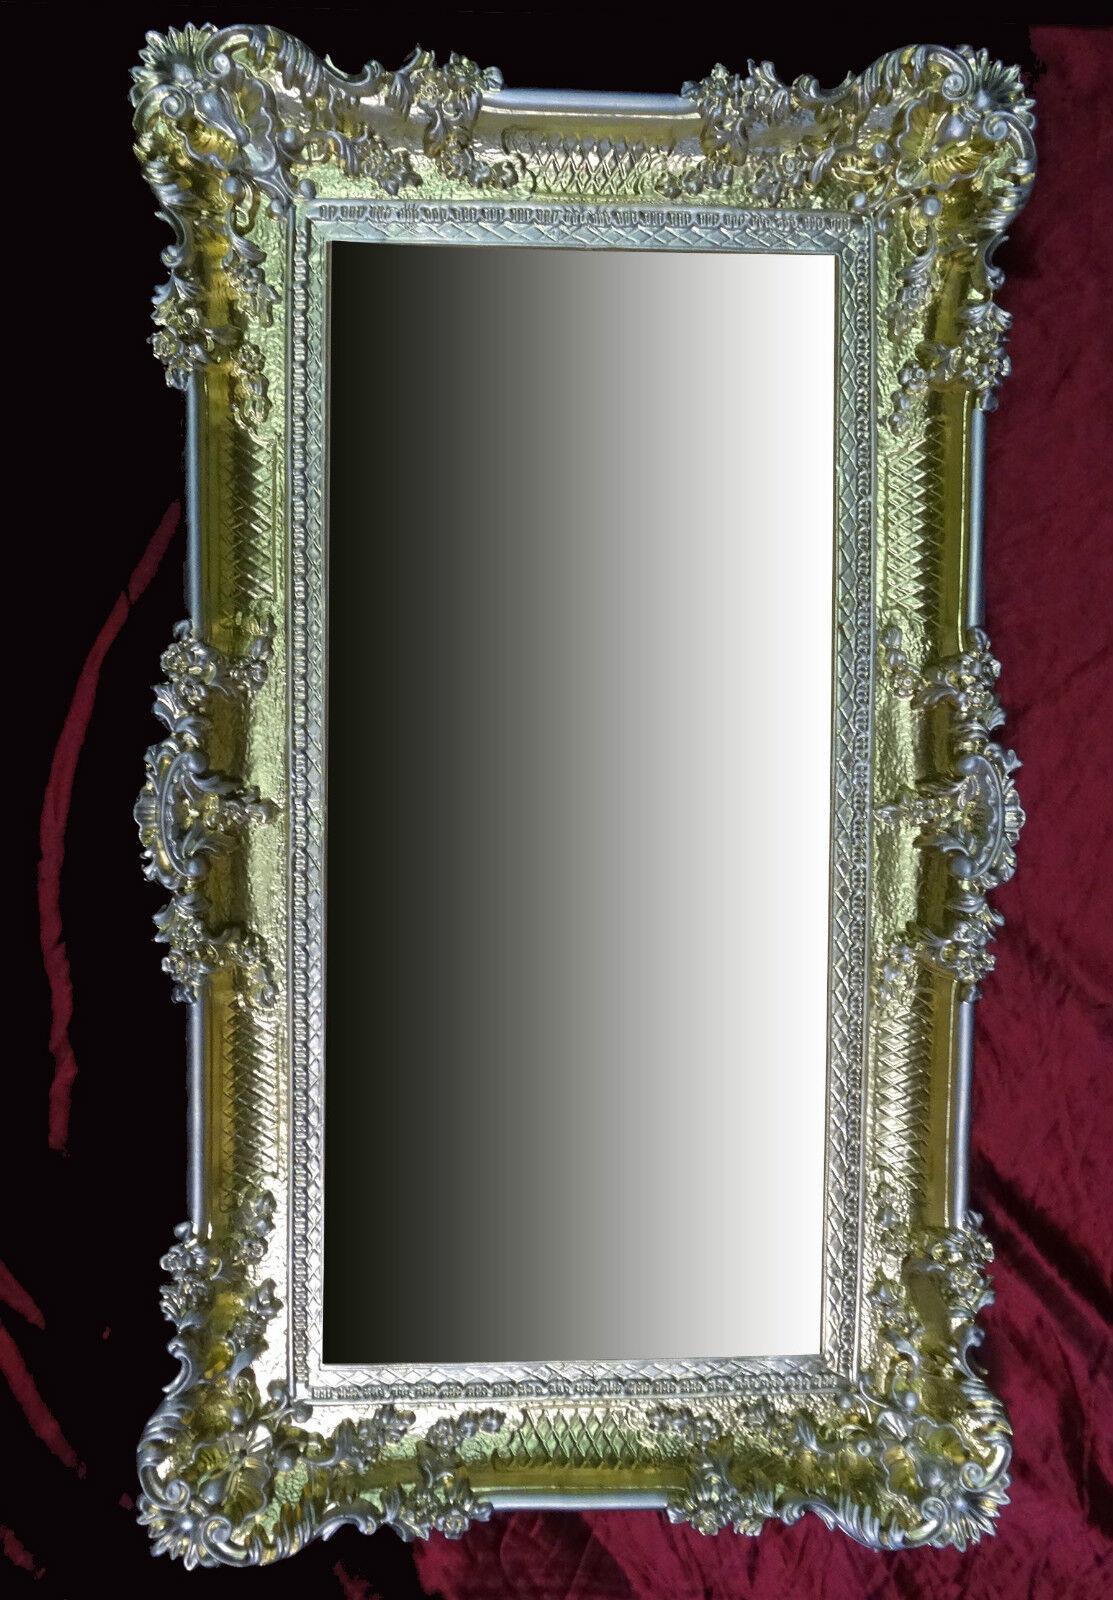 Xxl wandspiegel rechteckig gold silber barock wanddeko - Wanddeko spiegel ...